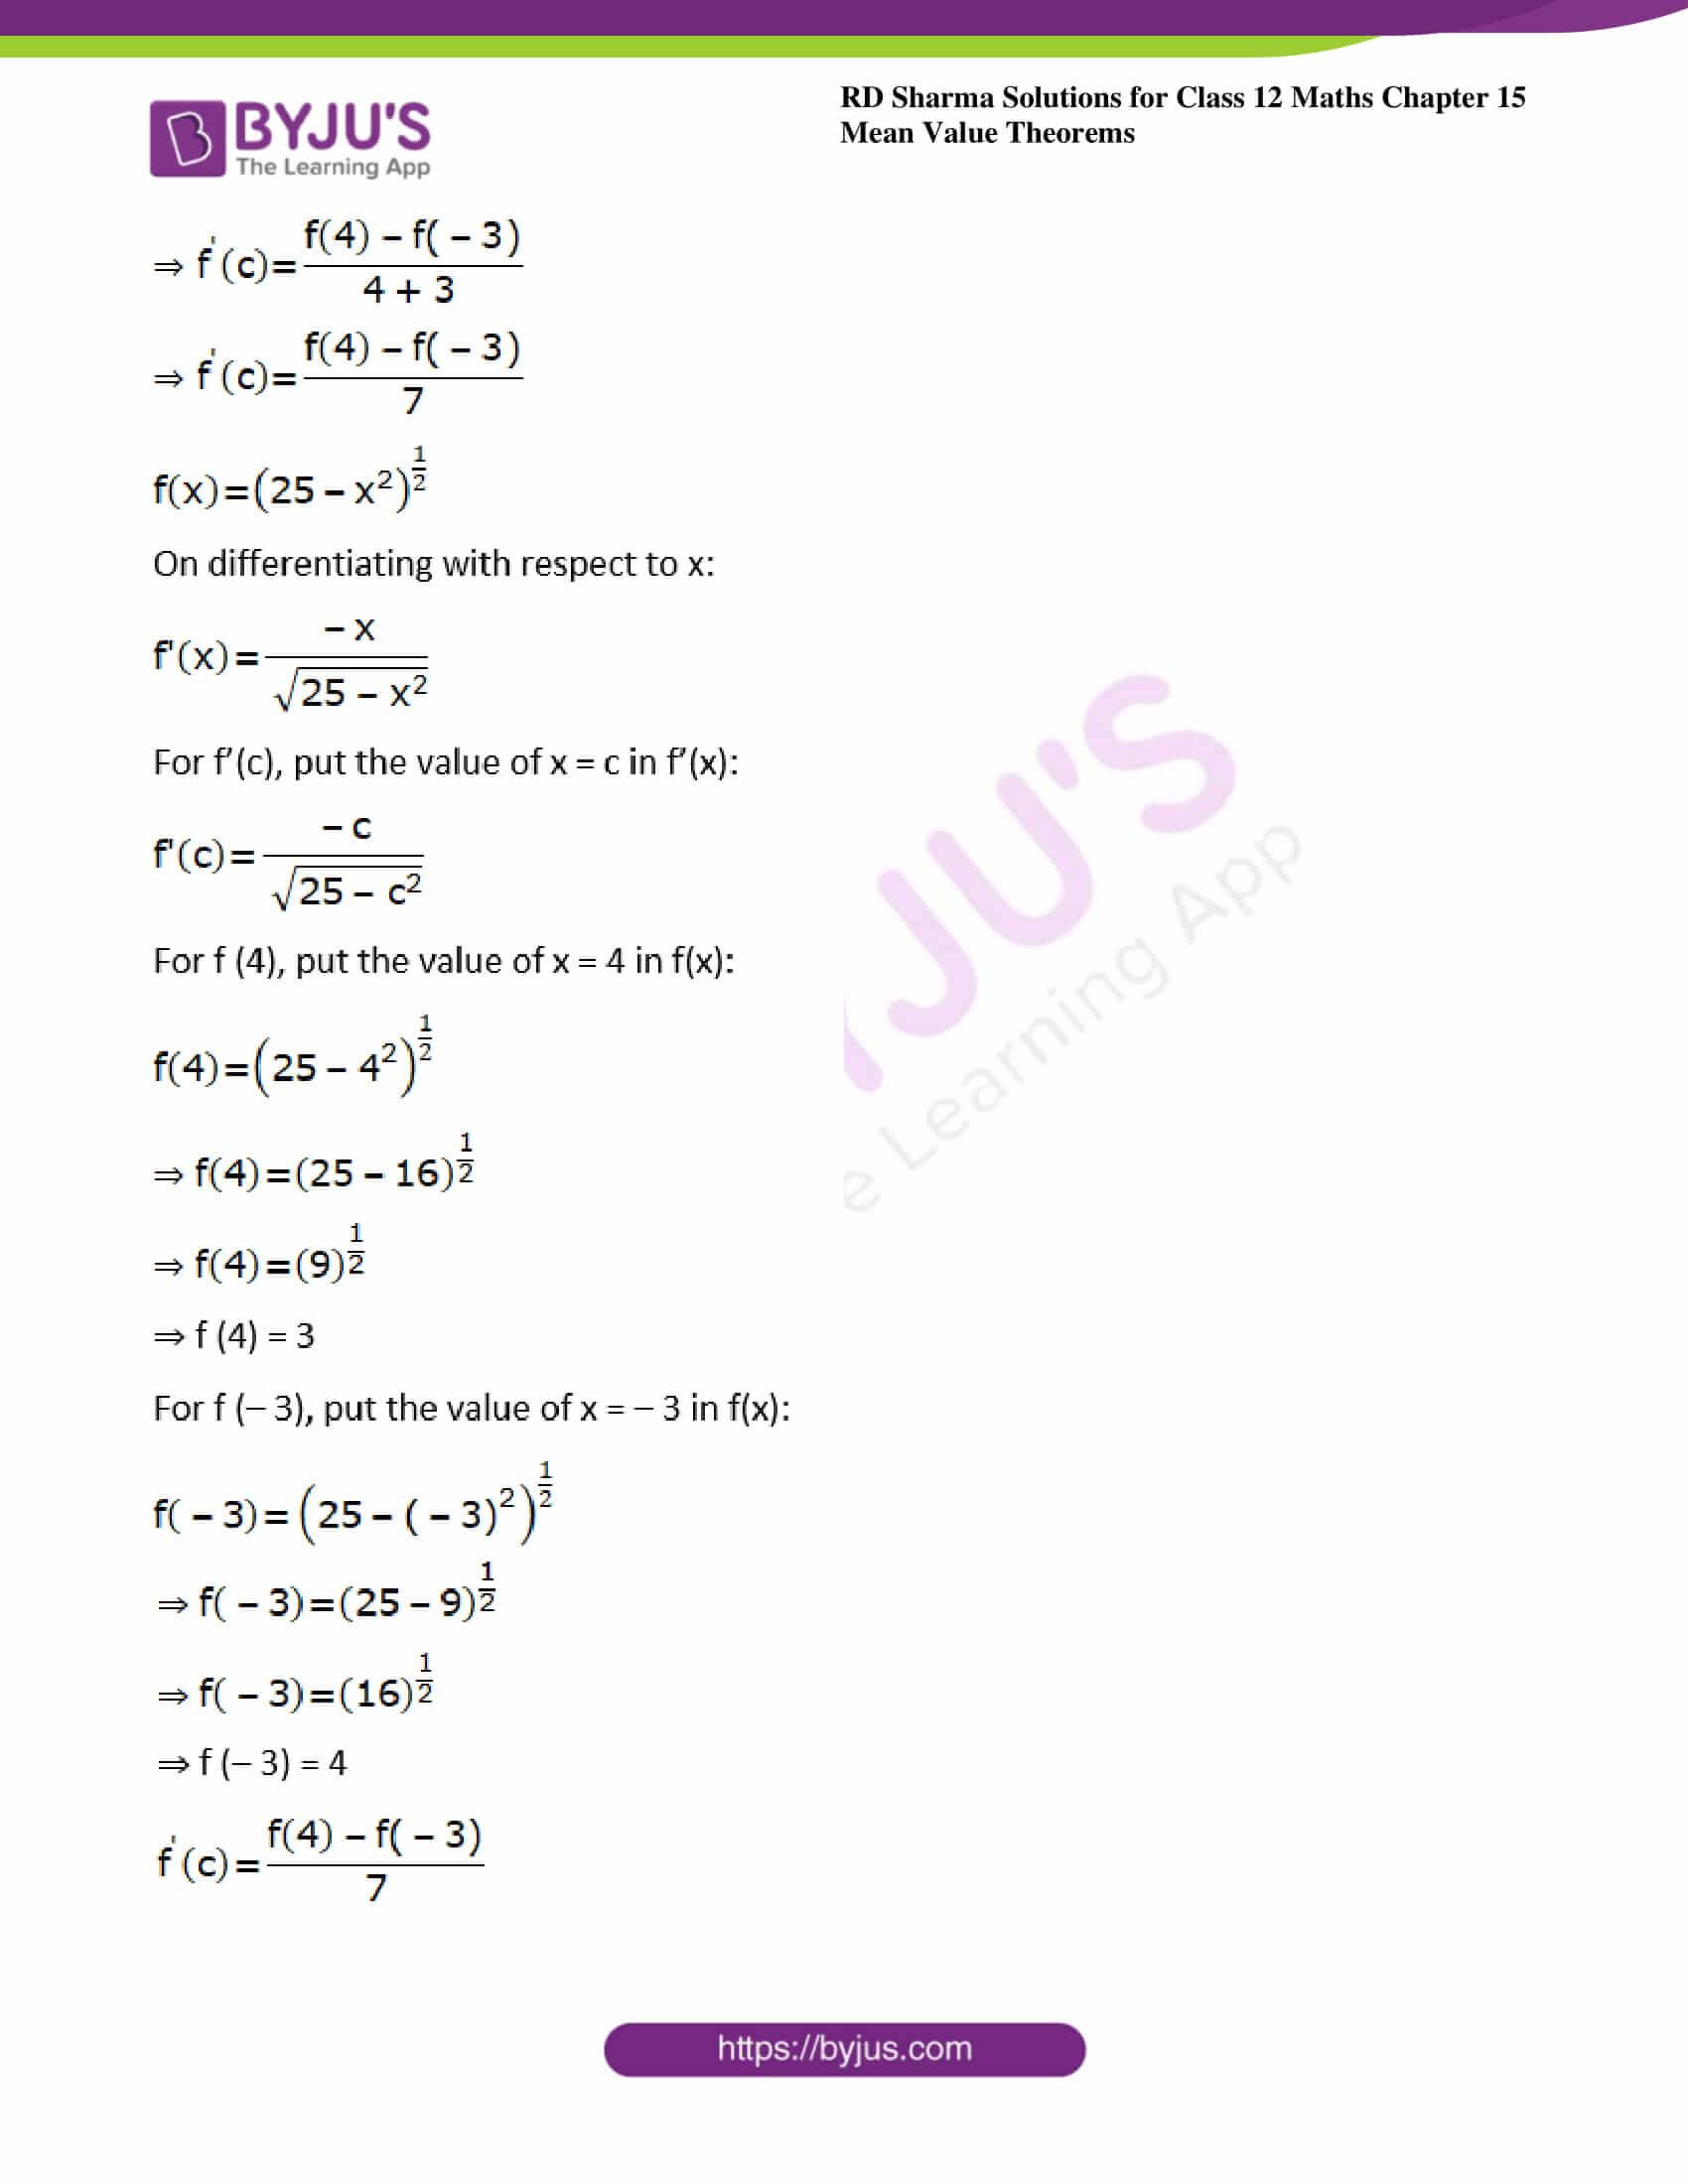 rd sharma class 12 maths solutions chapter 15 ex 2 12